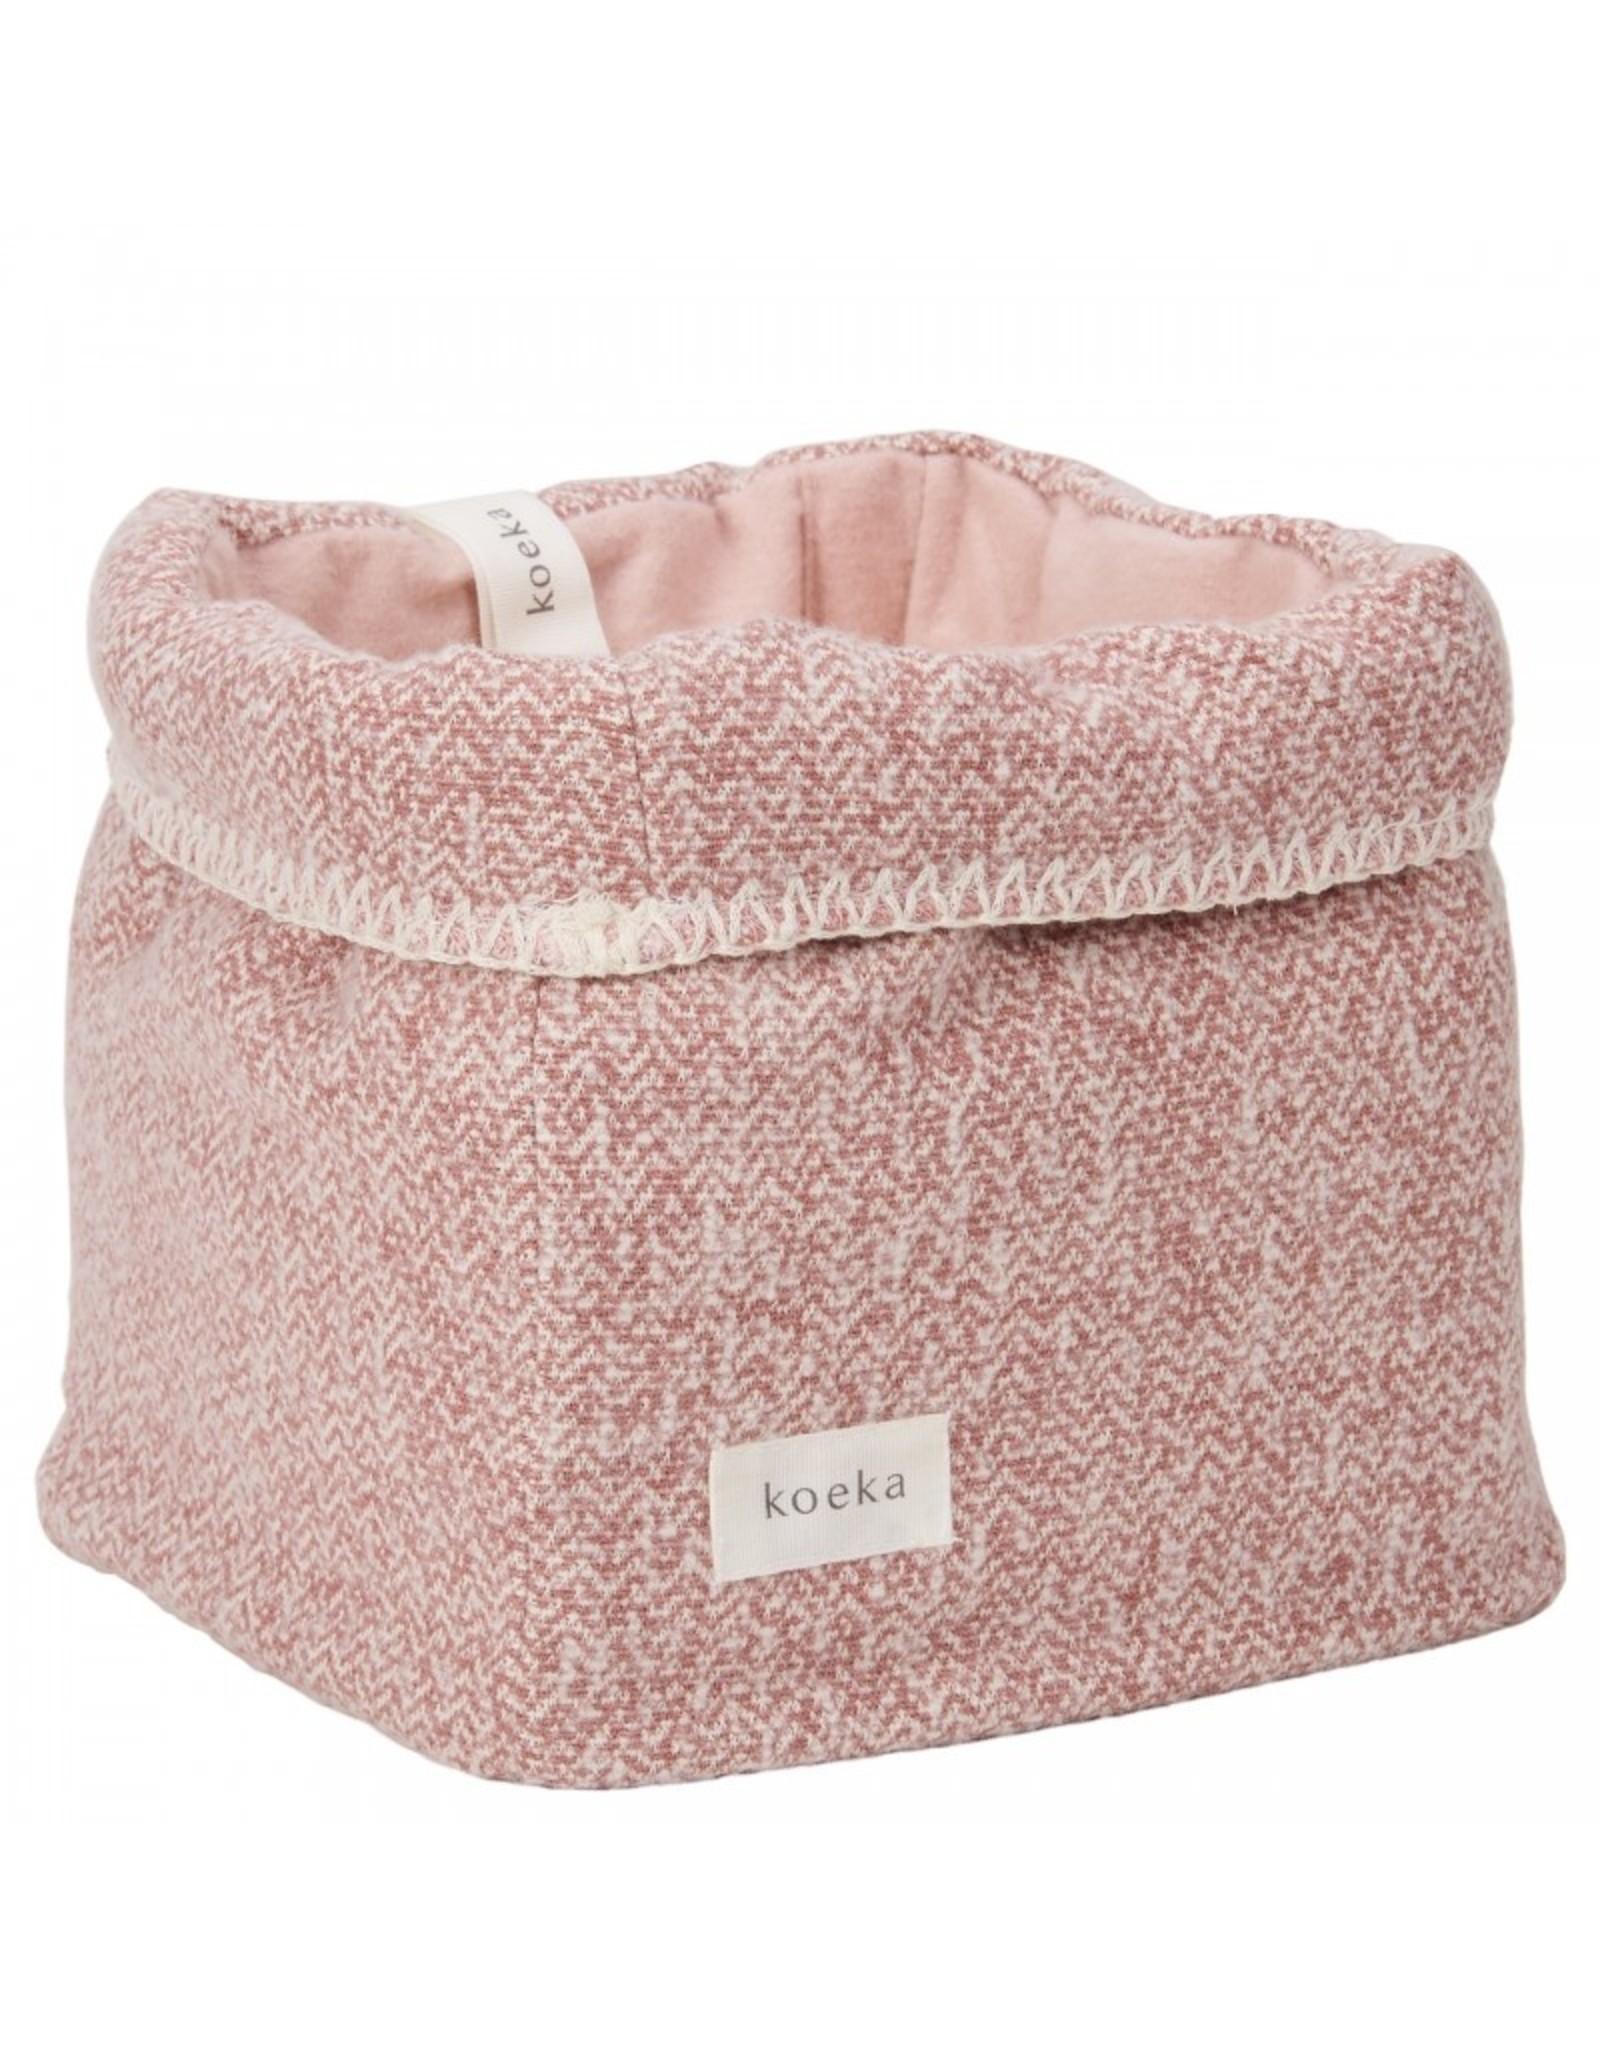 Koeka Storage Bag Vigo